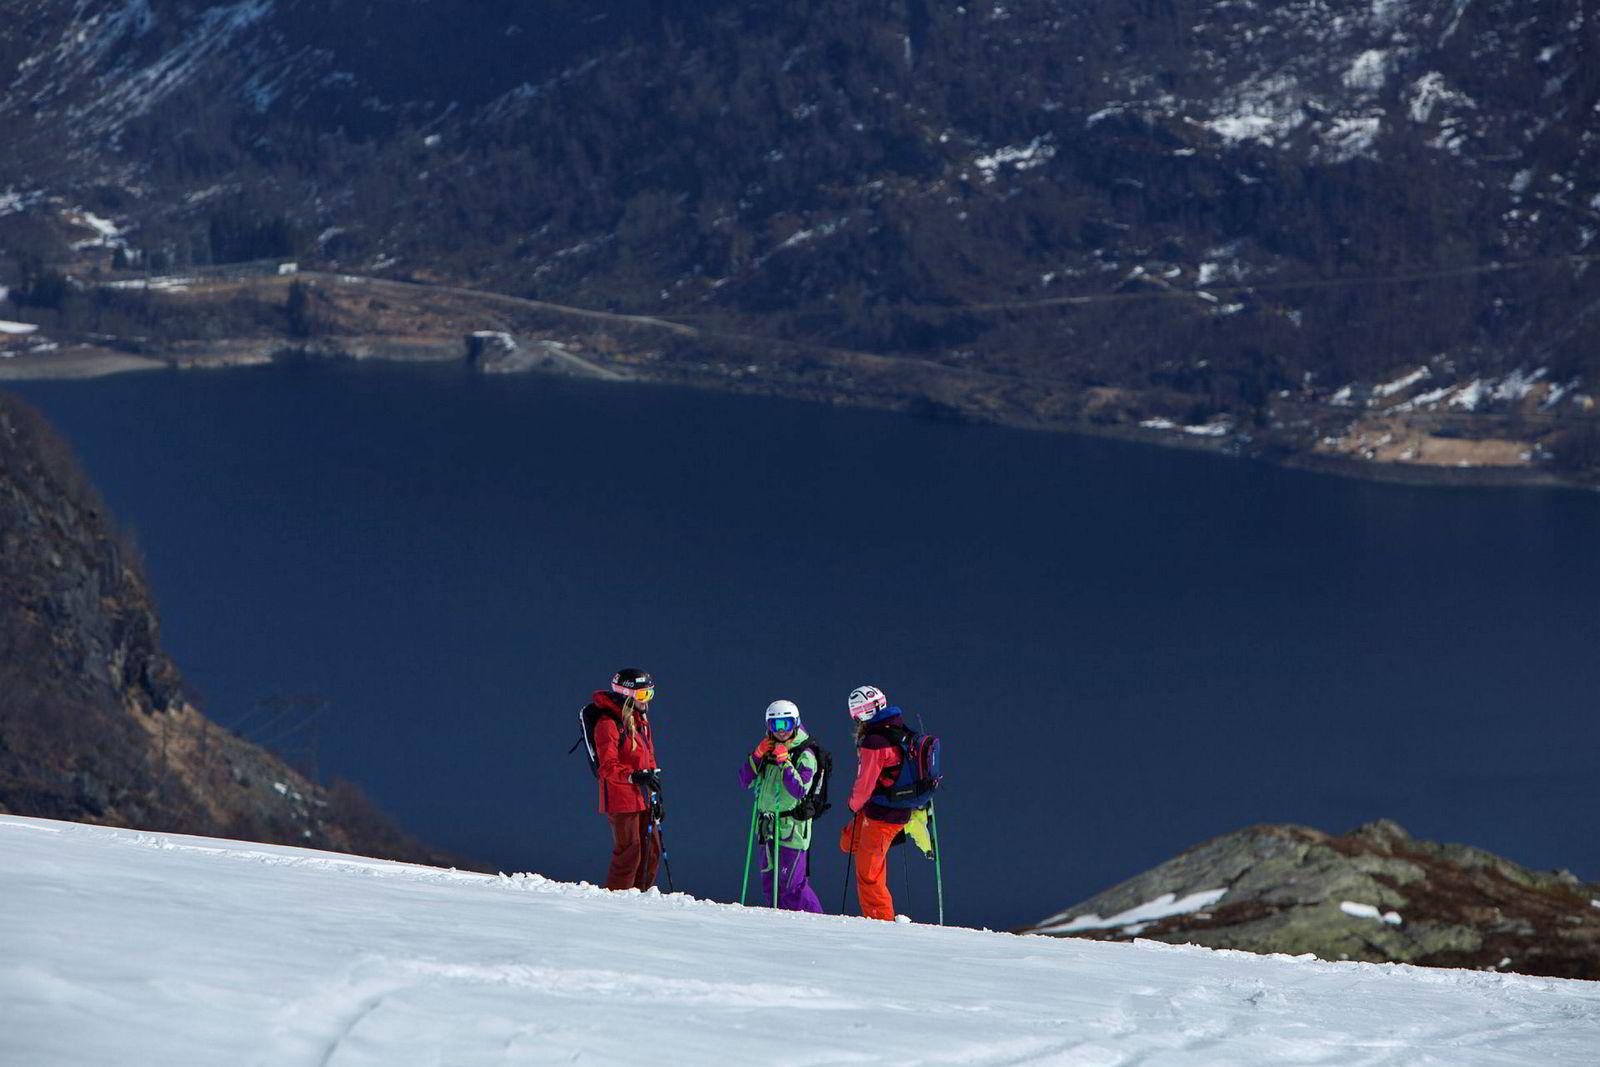 Med utsikt mot Røldalsvatnet tar Synnøve Medhus, Ane Evjen Mathiesen og Kamilla Bratteteig en pause underveis på den lange turen ned mot Saudasvingen.